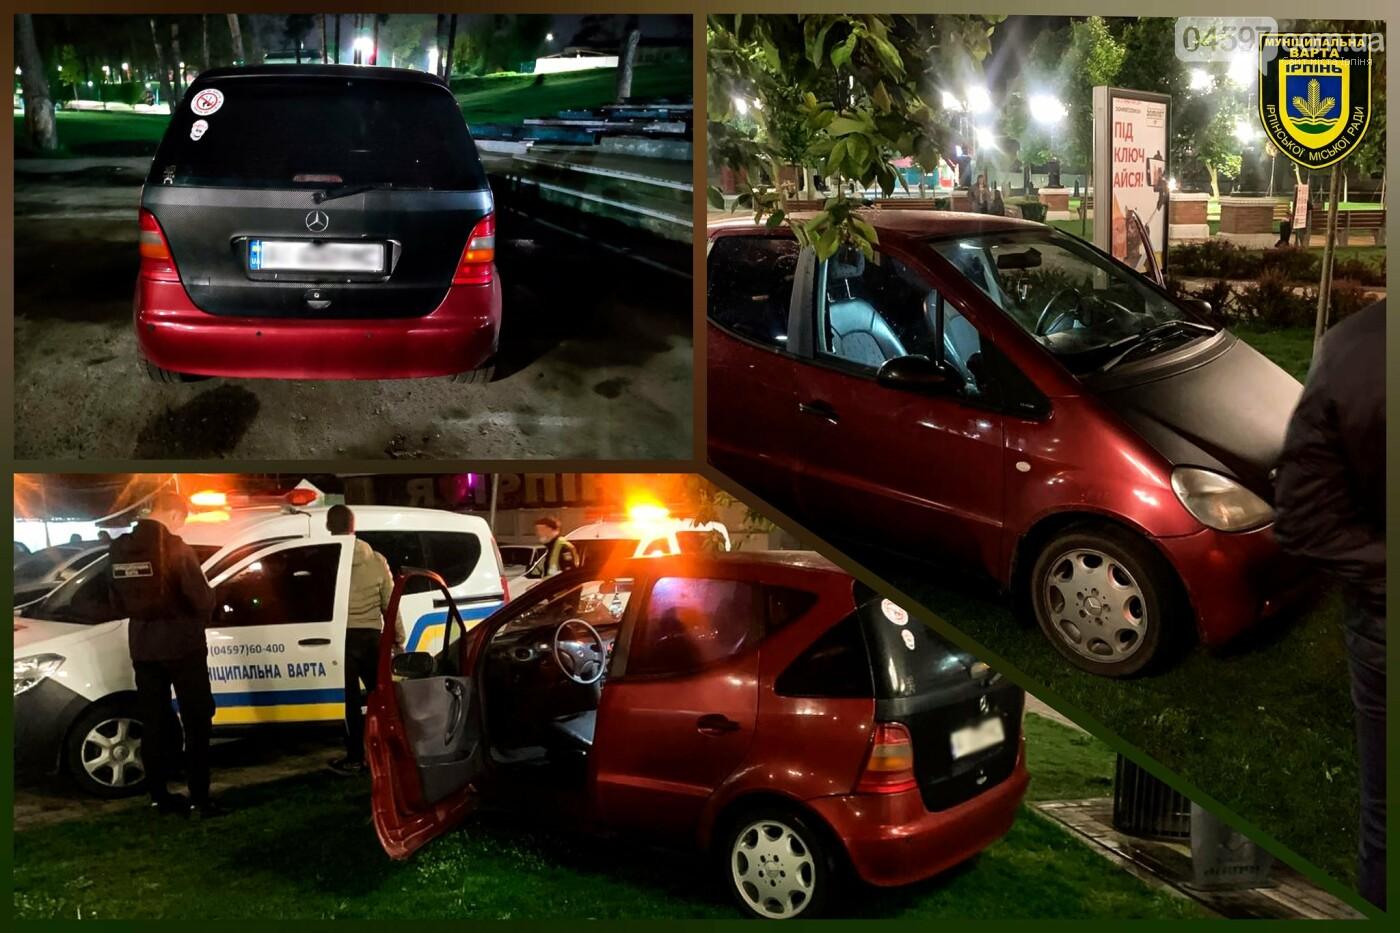 Водія оштрафували за парковку на газоні в Ірпені